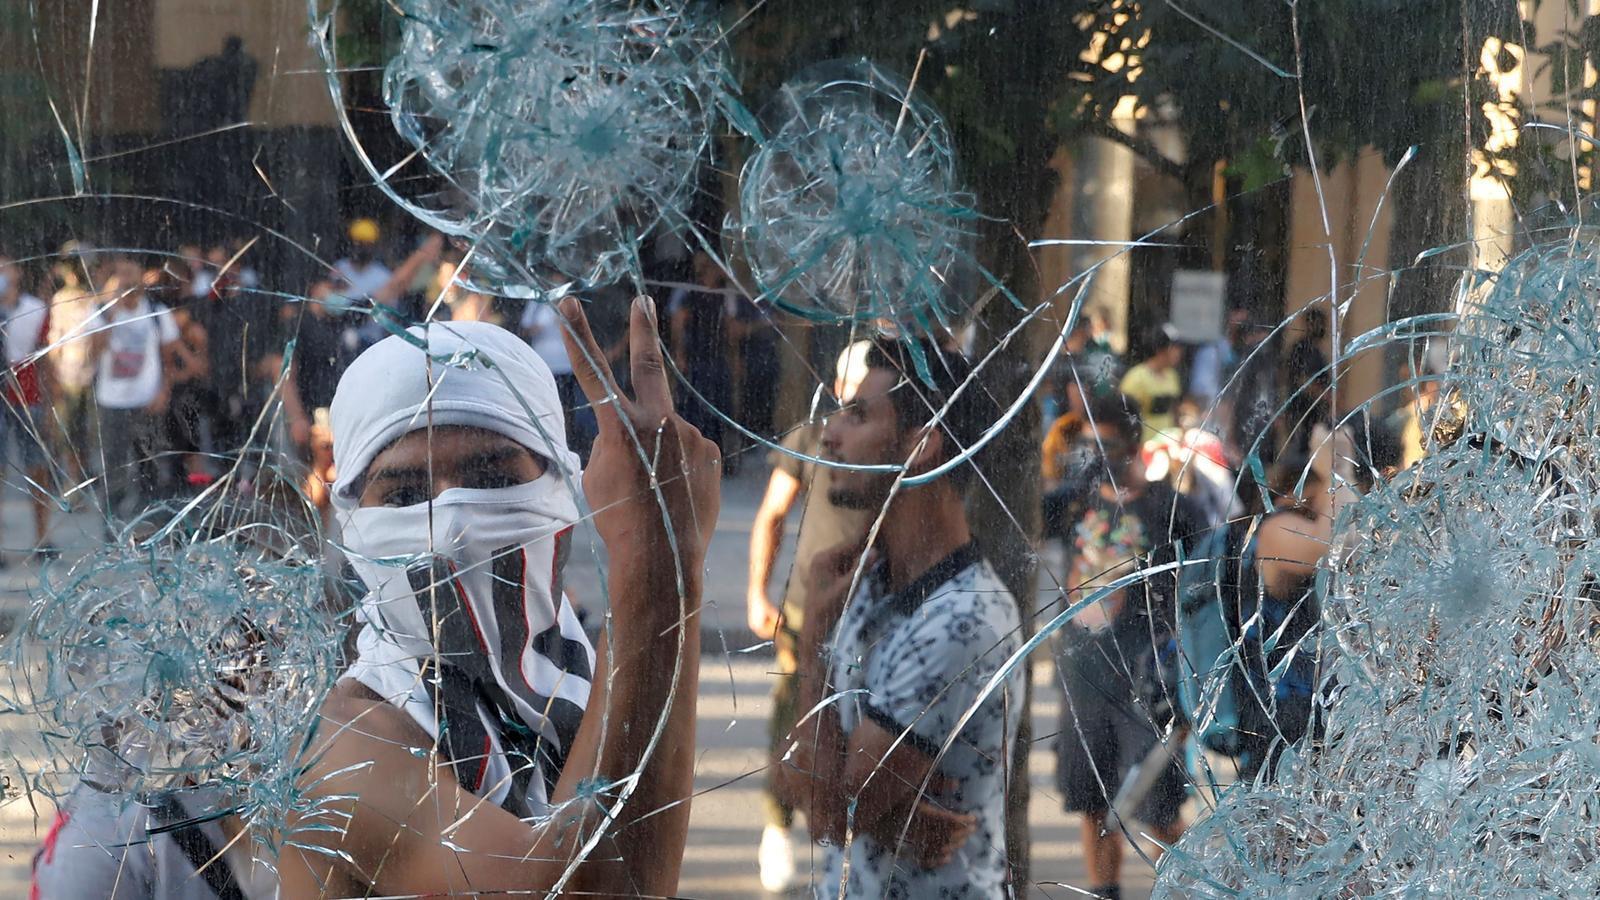 Un manifestant gesticula a través d'un vidre durant una protesta a Beirut